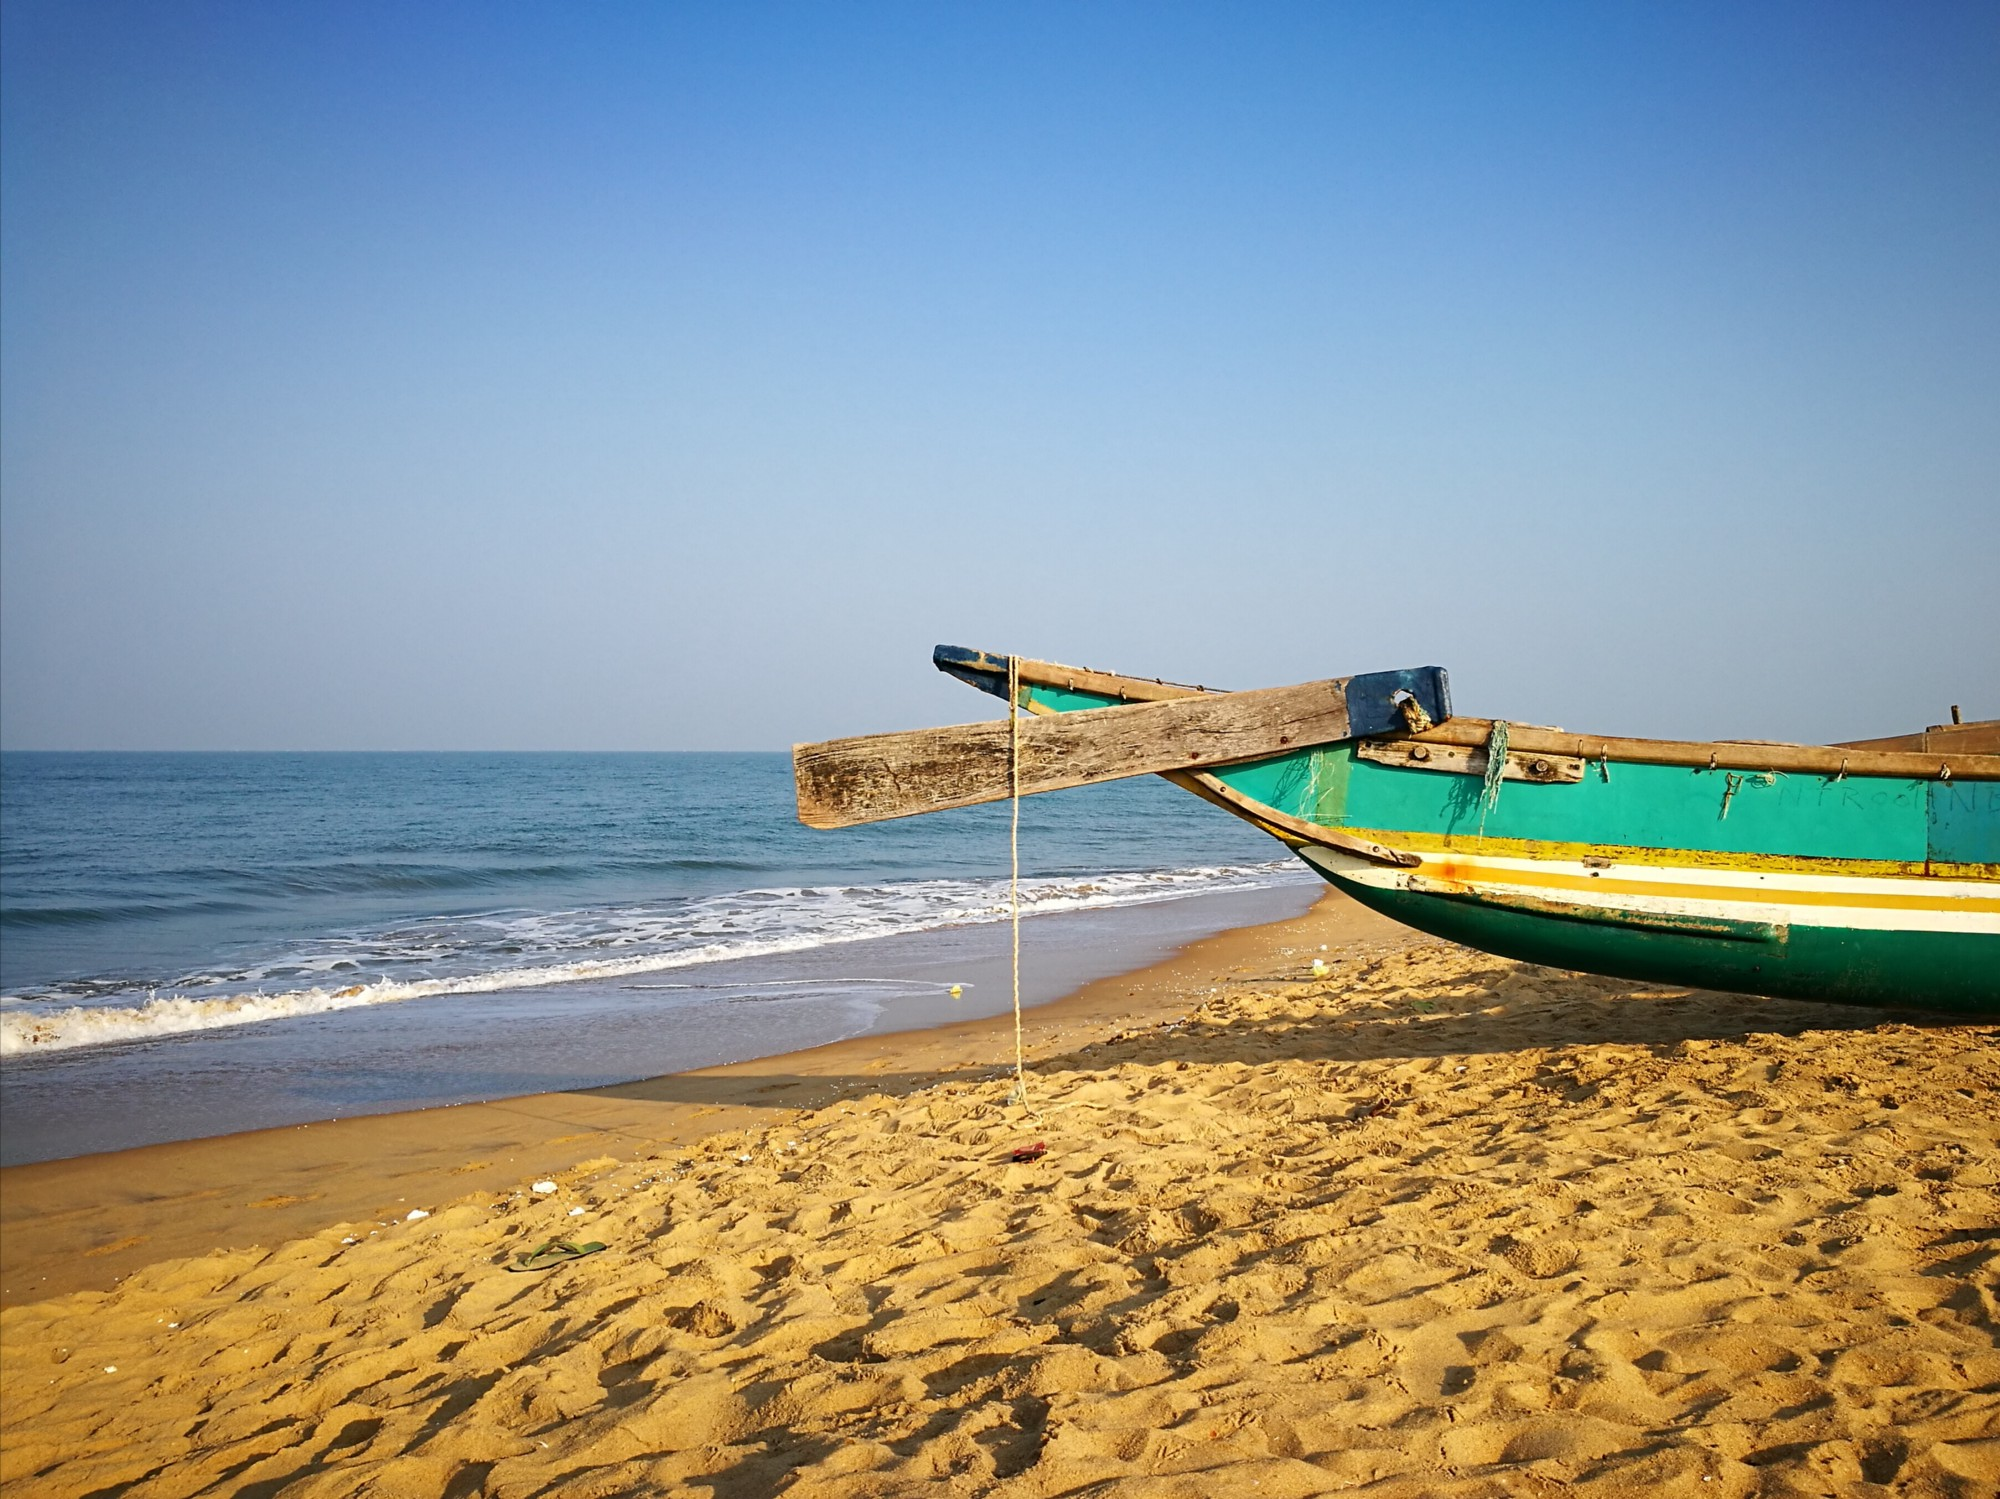 Viaggio in Sri Lanka: Negombo